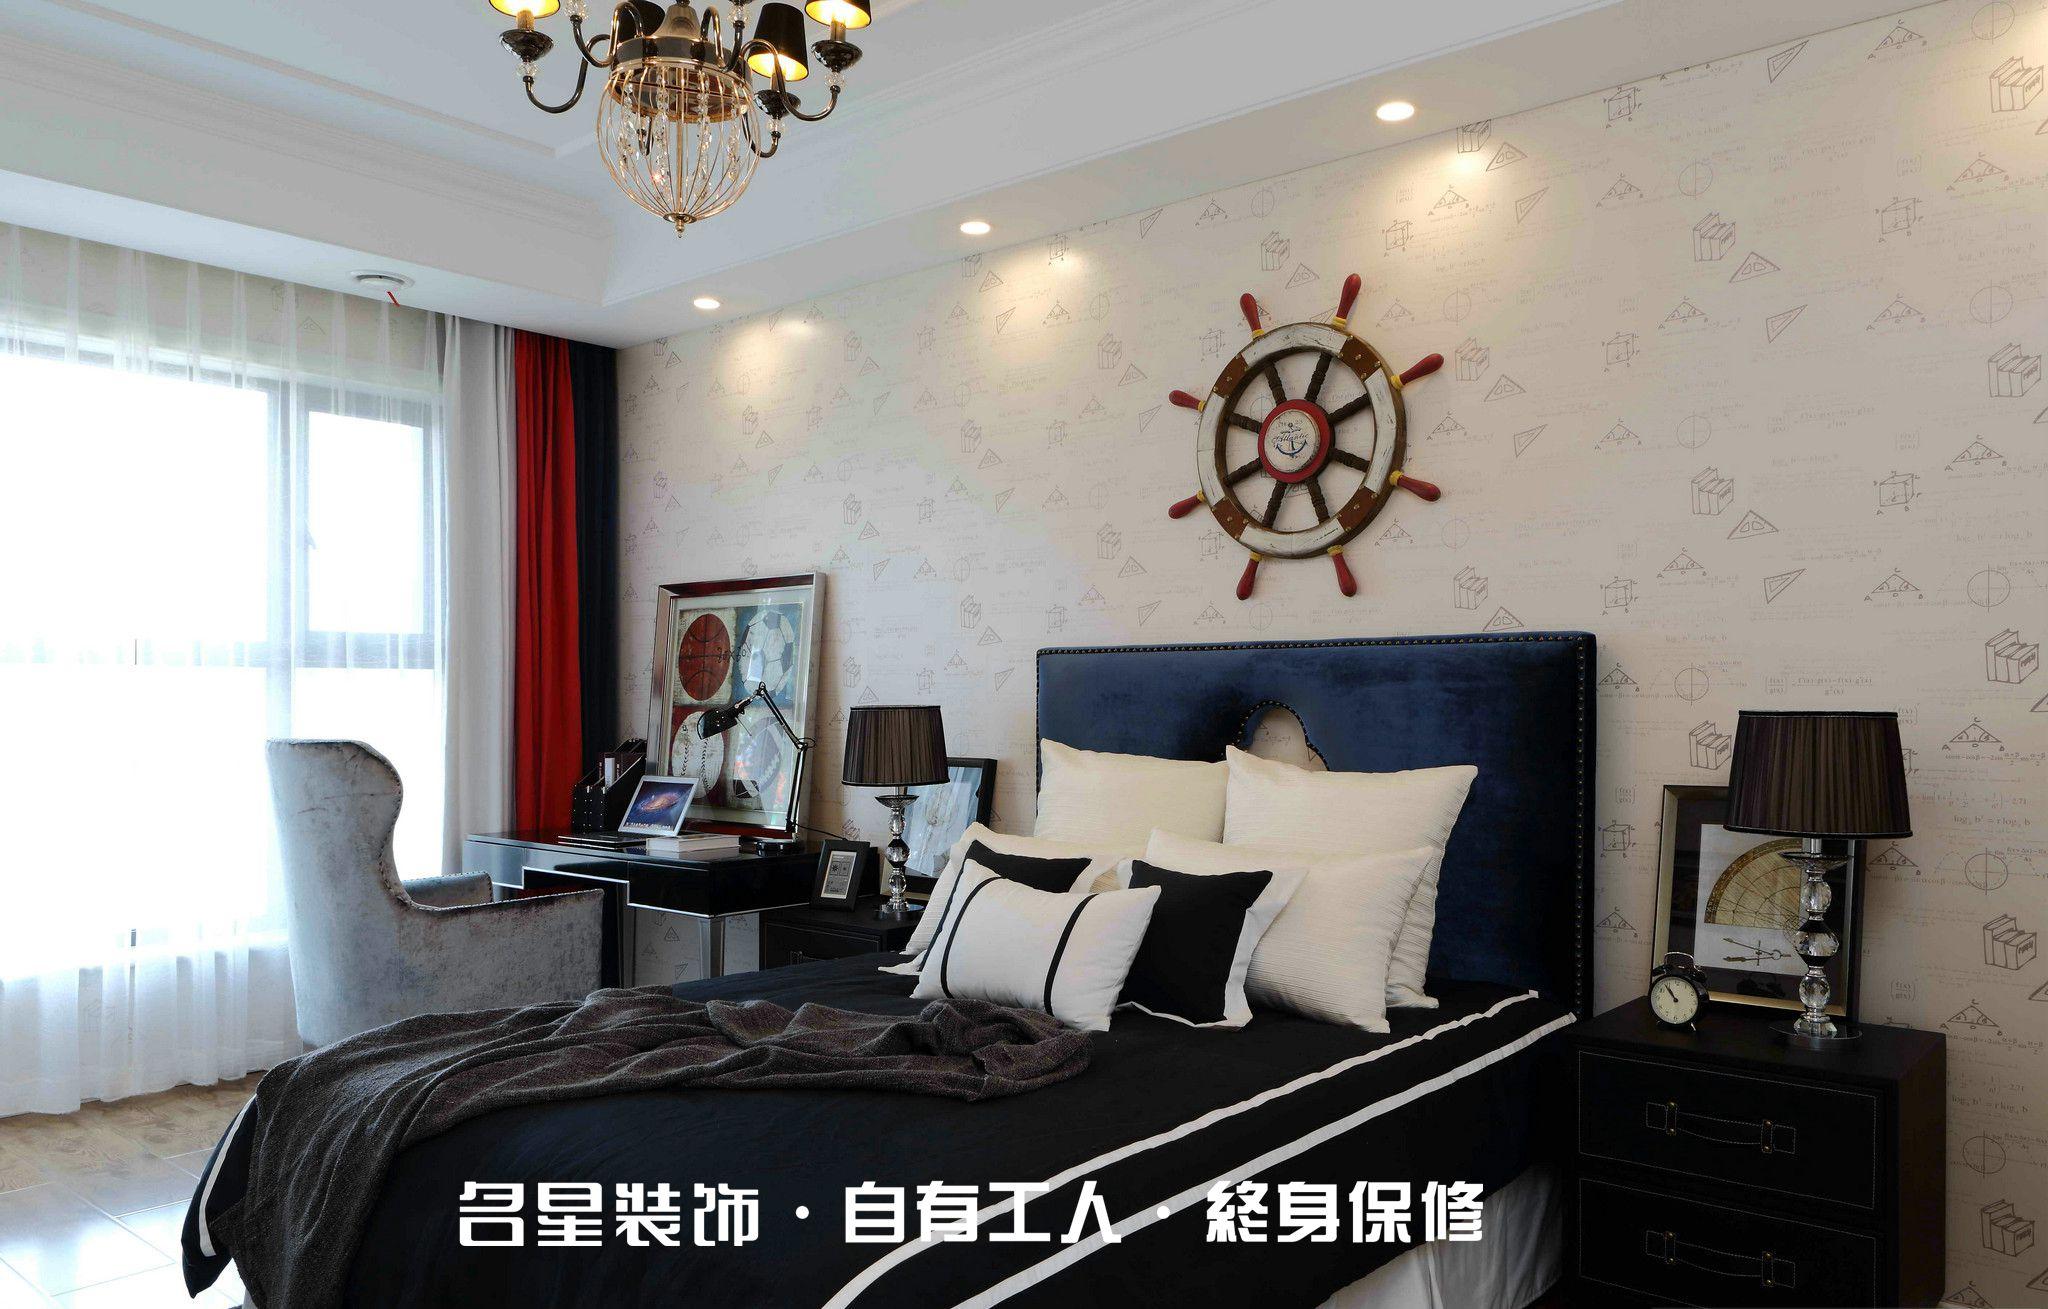 三居 欧式 低奢 卧室图片来自名星装饰在复地东湖国际的分享